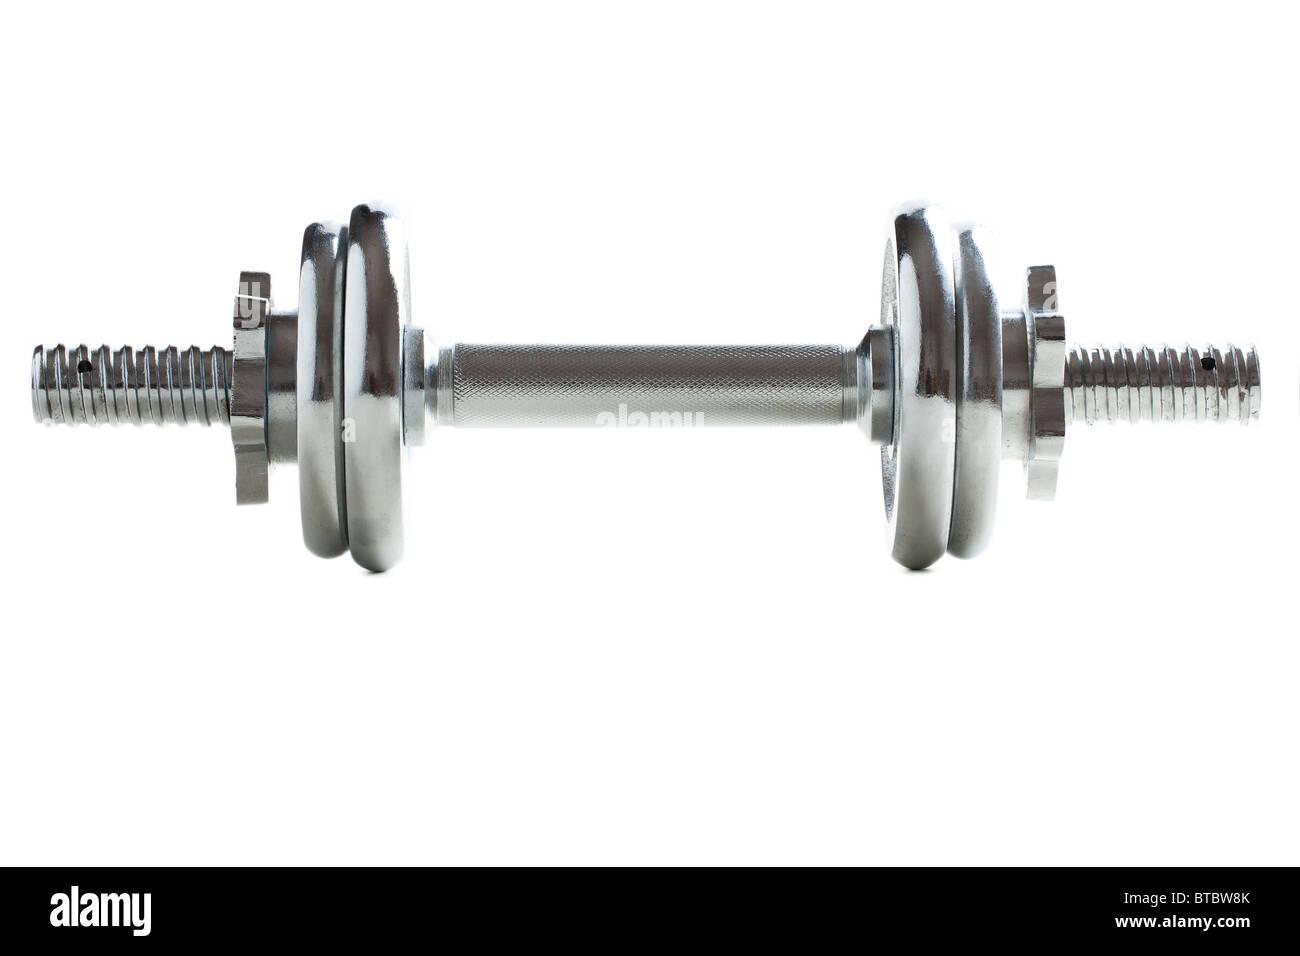 chrome dumbell on white background - Stock Image